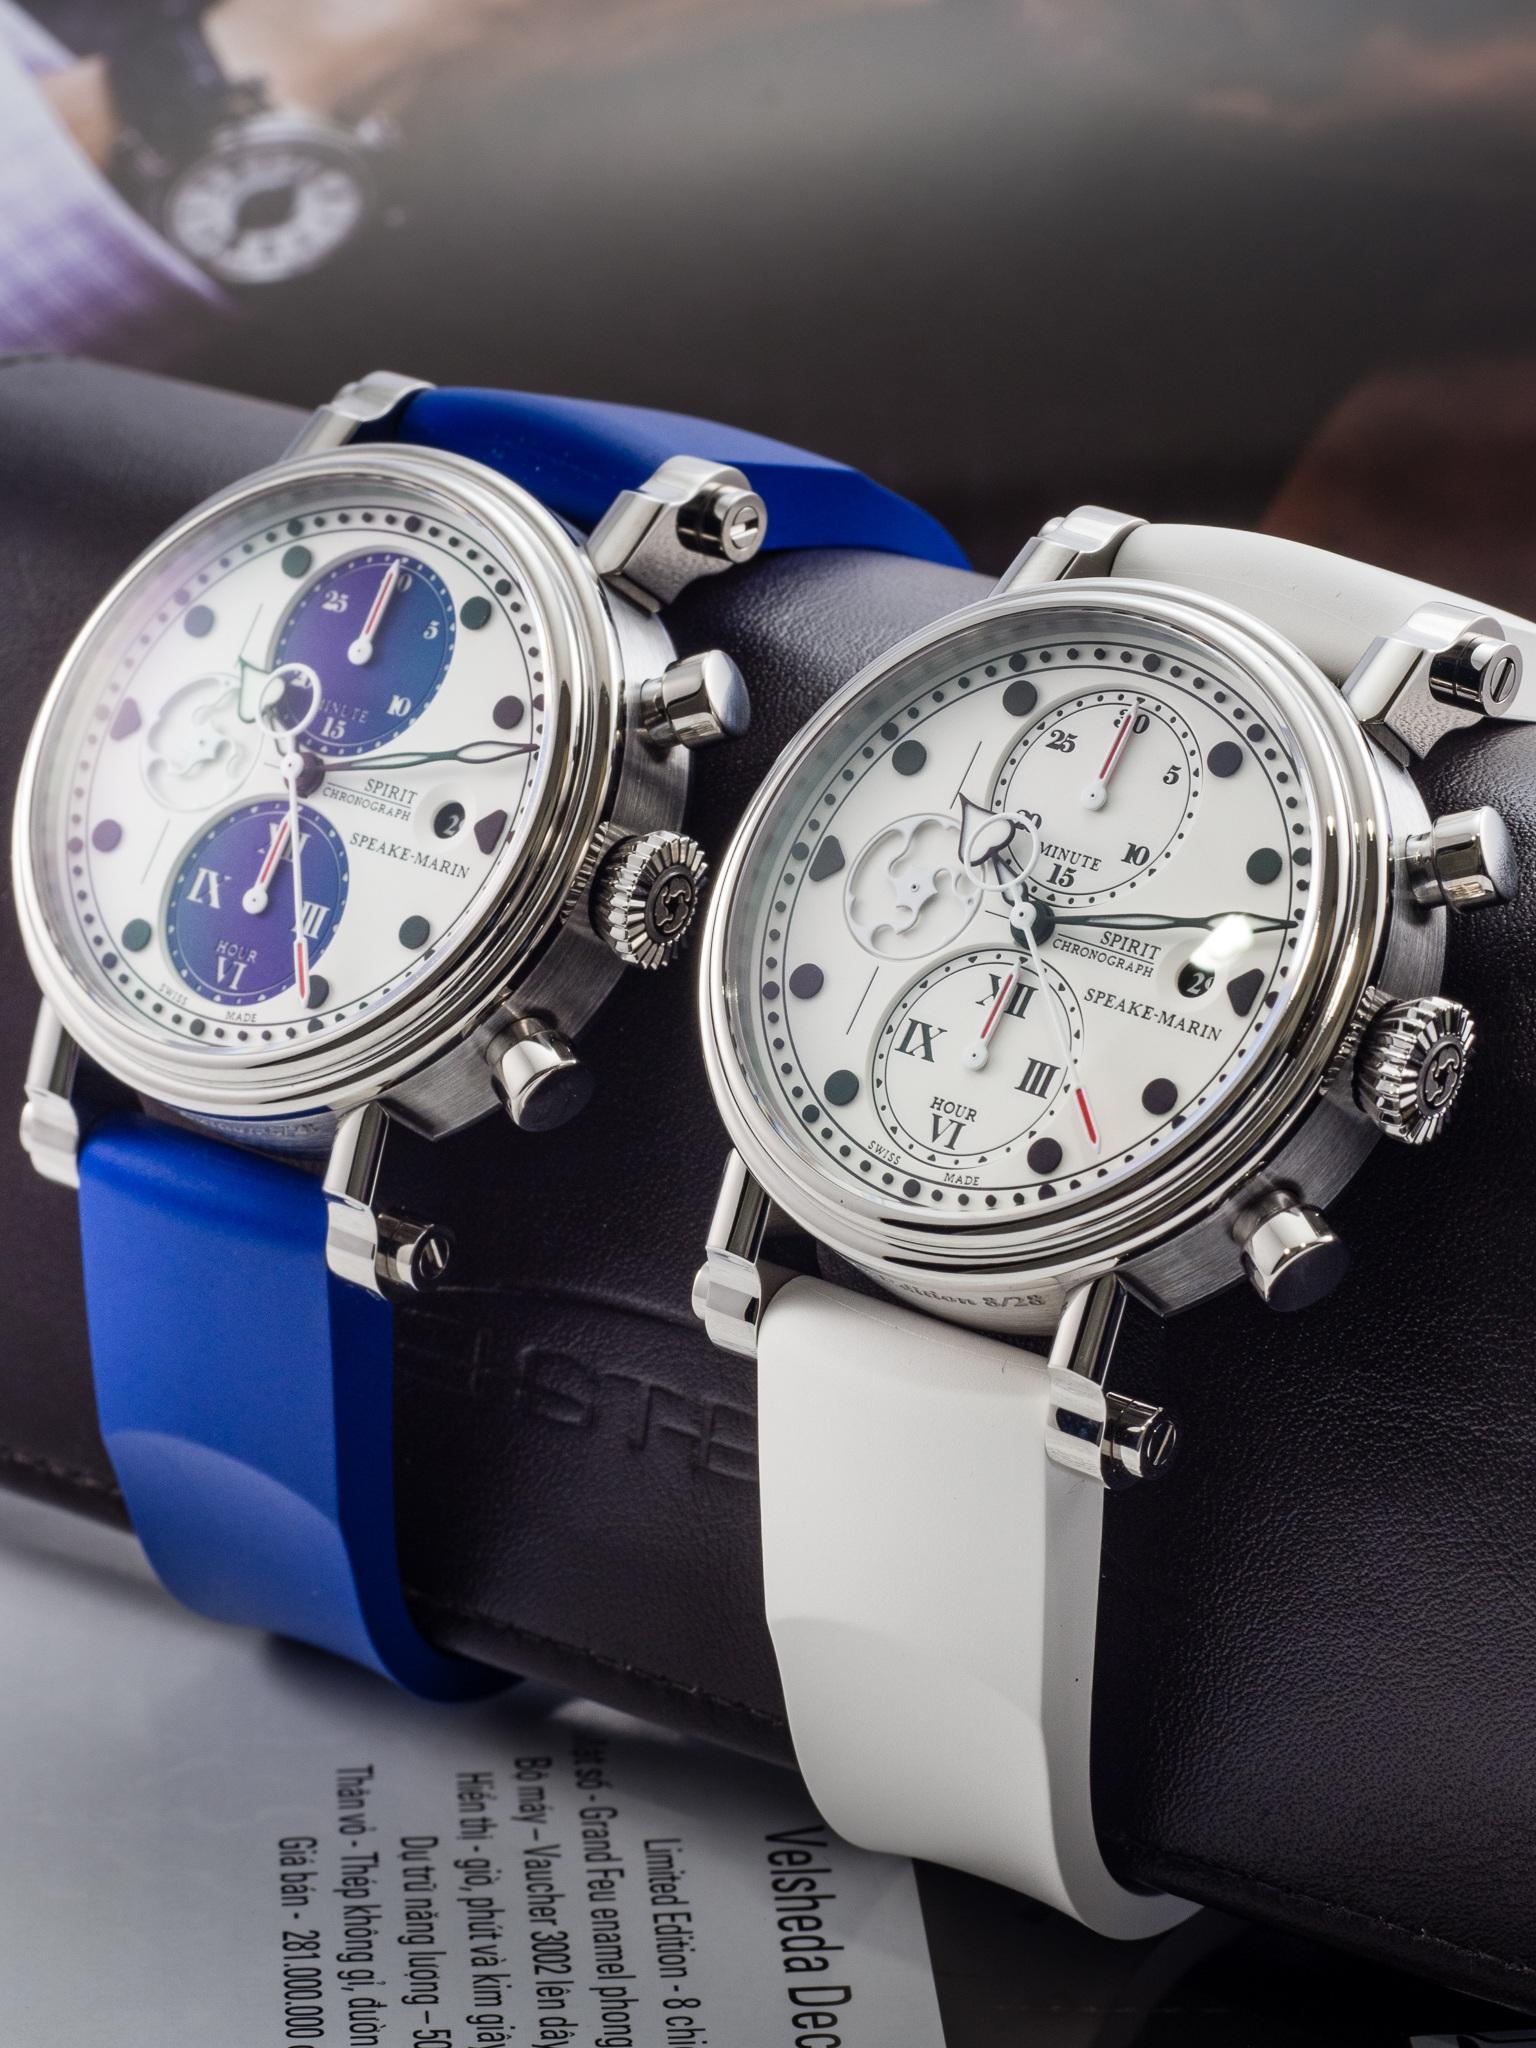 Speake-Marin Spirit Seafire được đề cử giải thưởng Grand Prix dHorlogerie de Genève (GPHG) ở hạng mục đồng hồ Chronograph tốt nhất.PVP